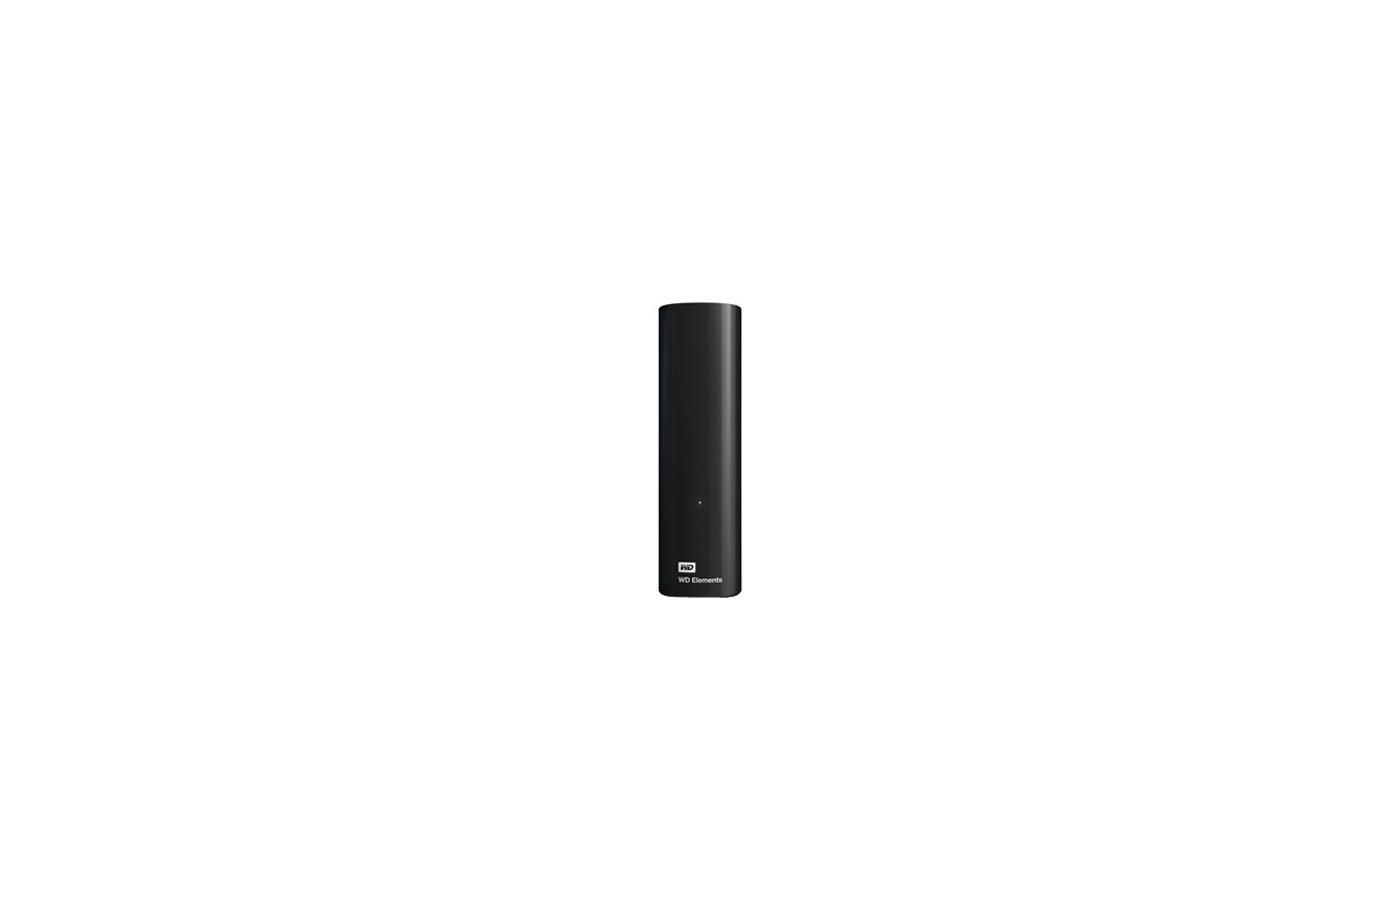 """Внешний жесткий диск Western Digital USB 3.0 2000Gb WDBWLG0020HBK-EESN Elements Desktop 3.5"""" черный"""